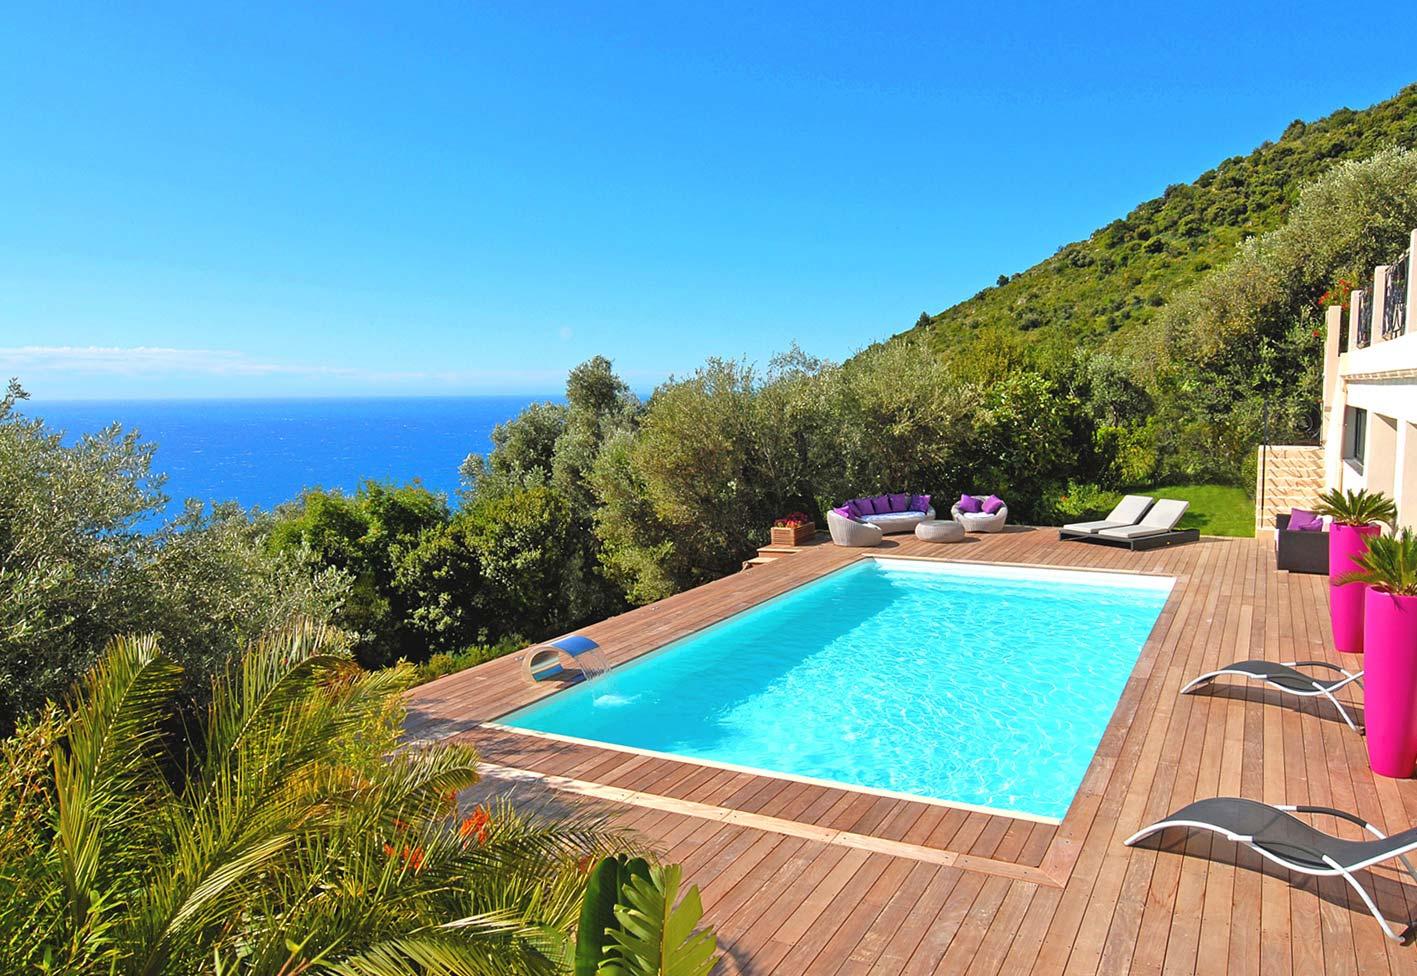 terrasse bois exotique ipe piscine gironde charente bordeaux merignac angouleme cap ferret arcachon andernos arbao